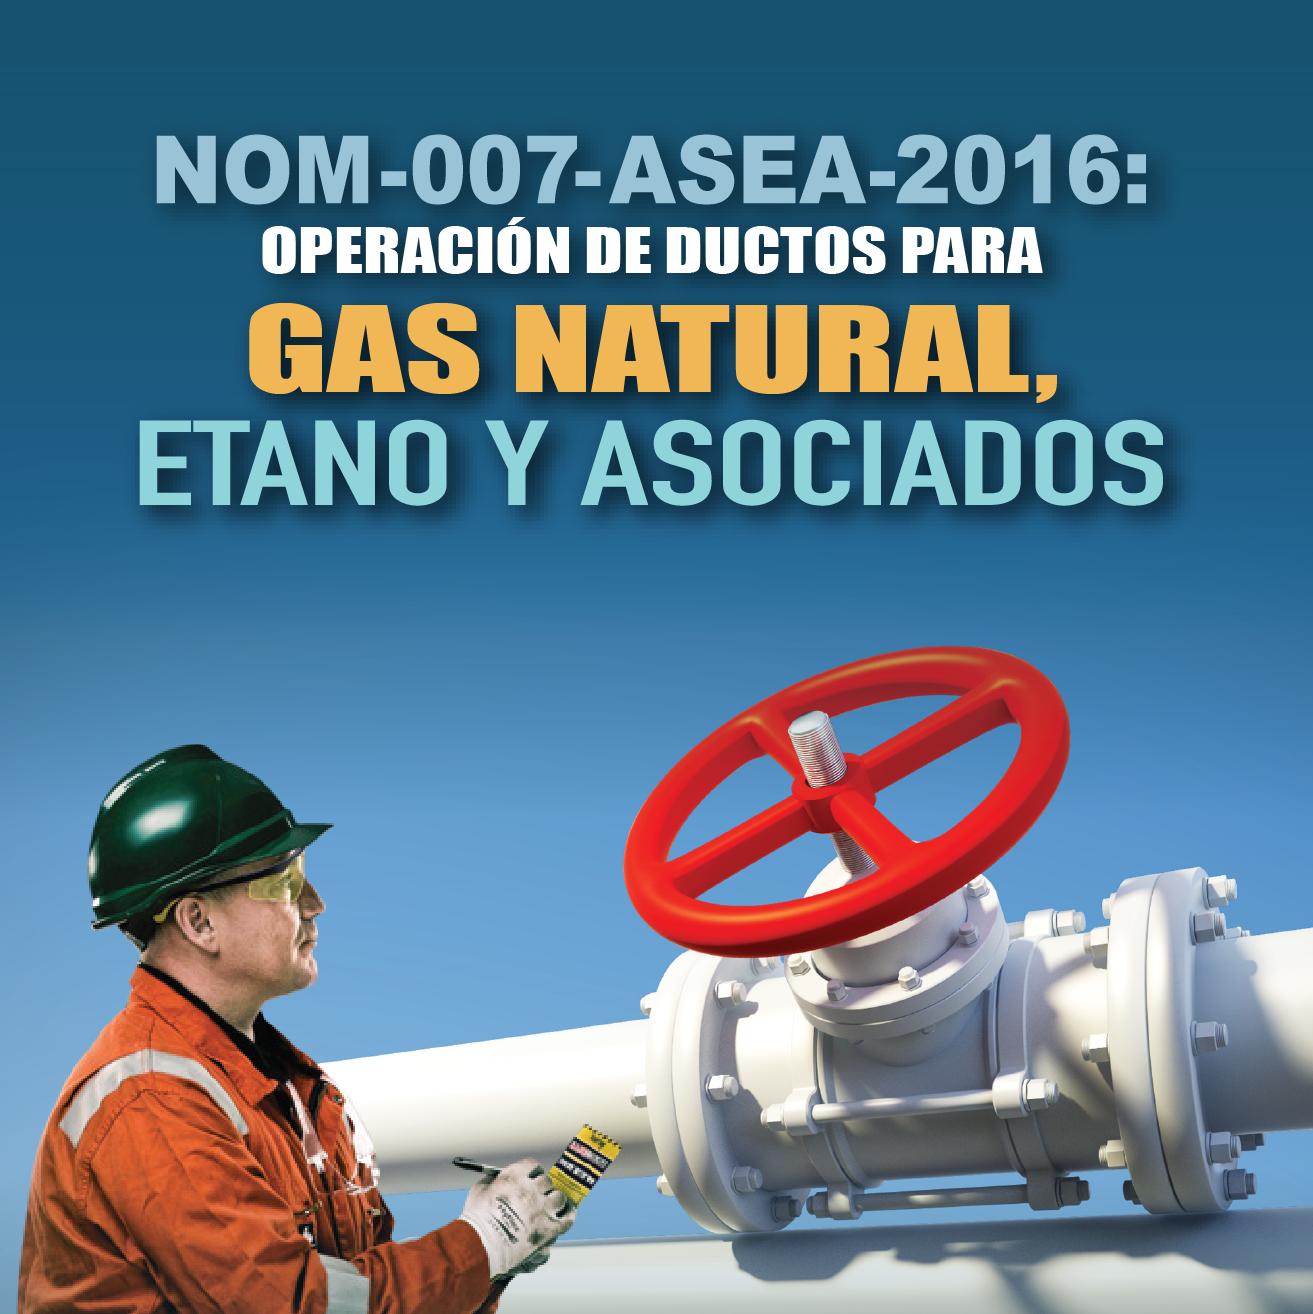 NOM-007-ASEA-2016: Operación de Ductos para Gas Natural, Etano y Asociados